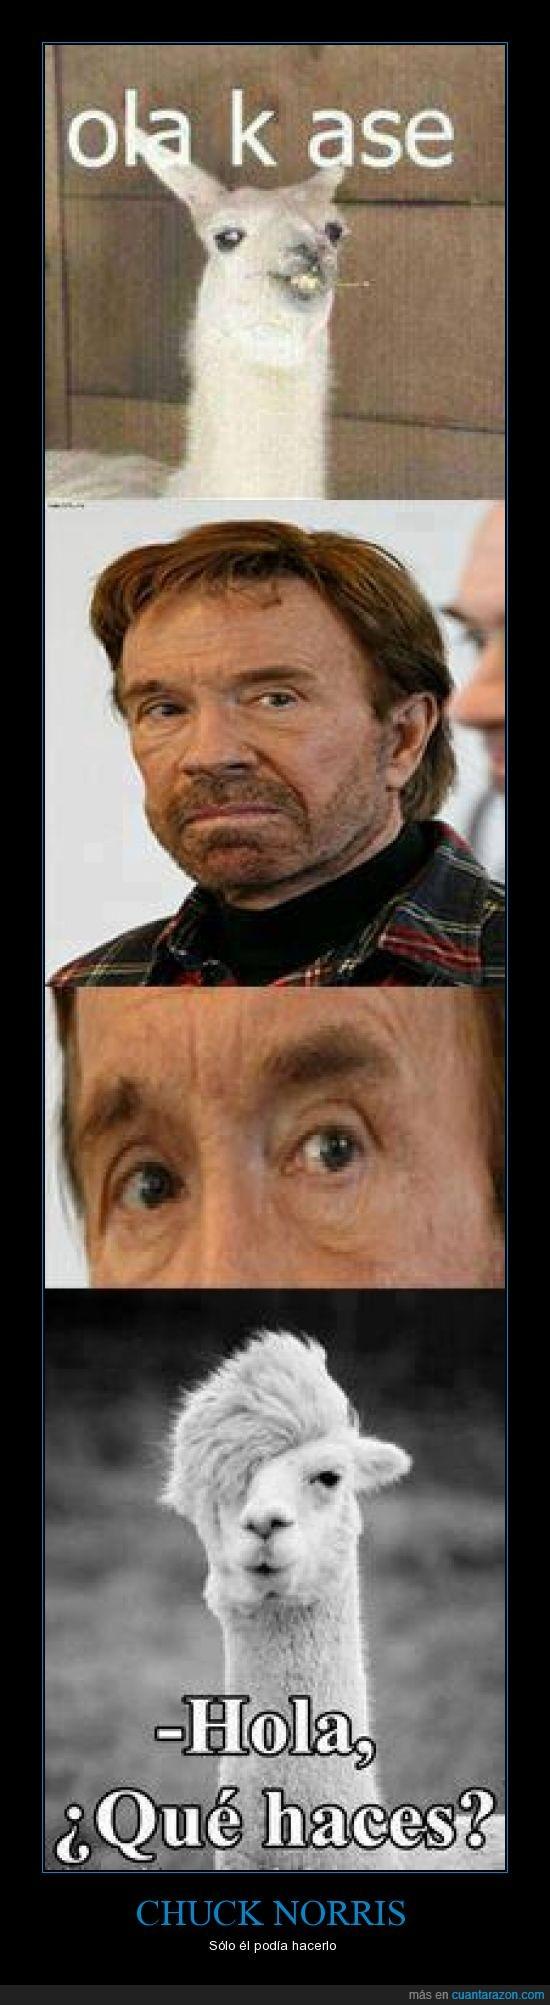 adiestrador,Chuck Norris,domador,educado,llama,ola k ase